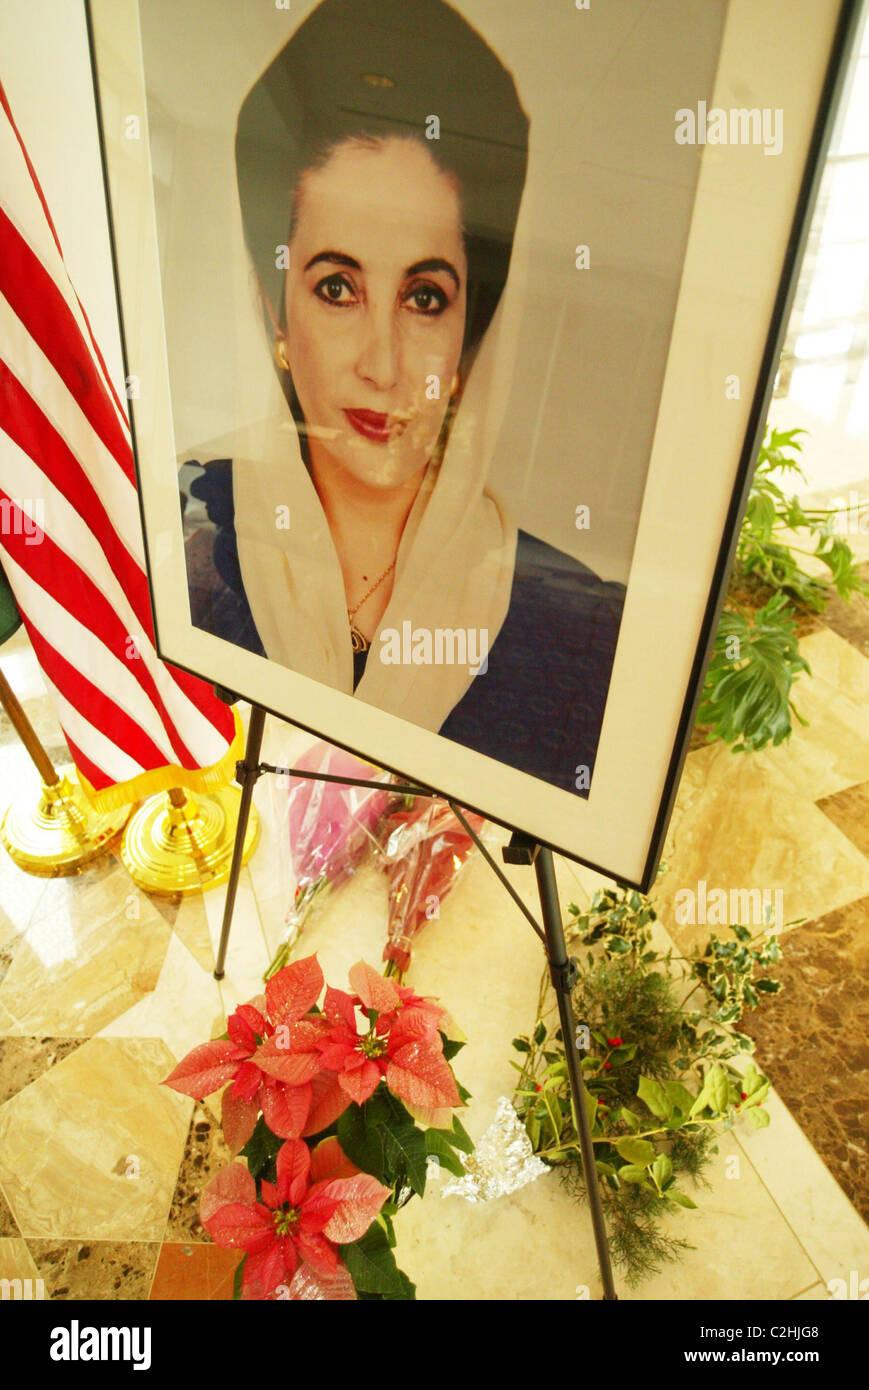 Omaggio libro firma di Benazir Bhutto, primo ministro del Pakistan che è stato assassinato il 27 dicembre 2007, Foto Stock